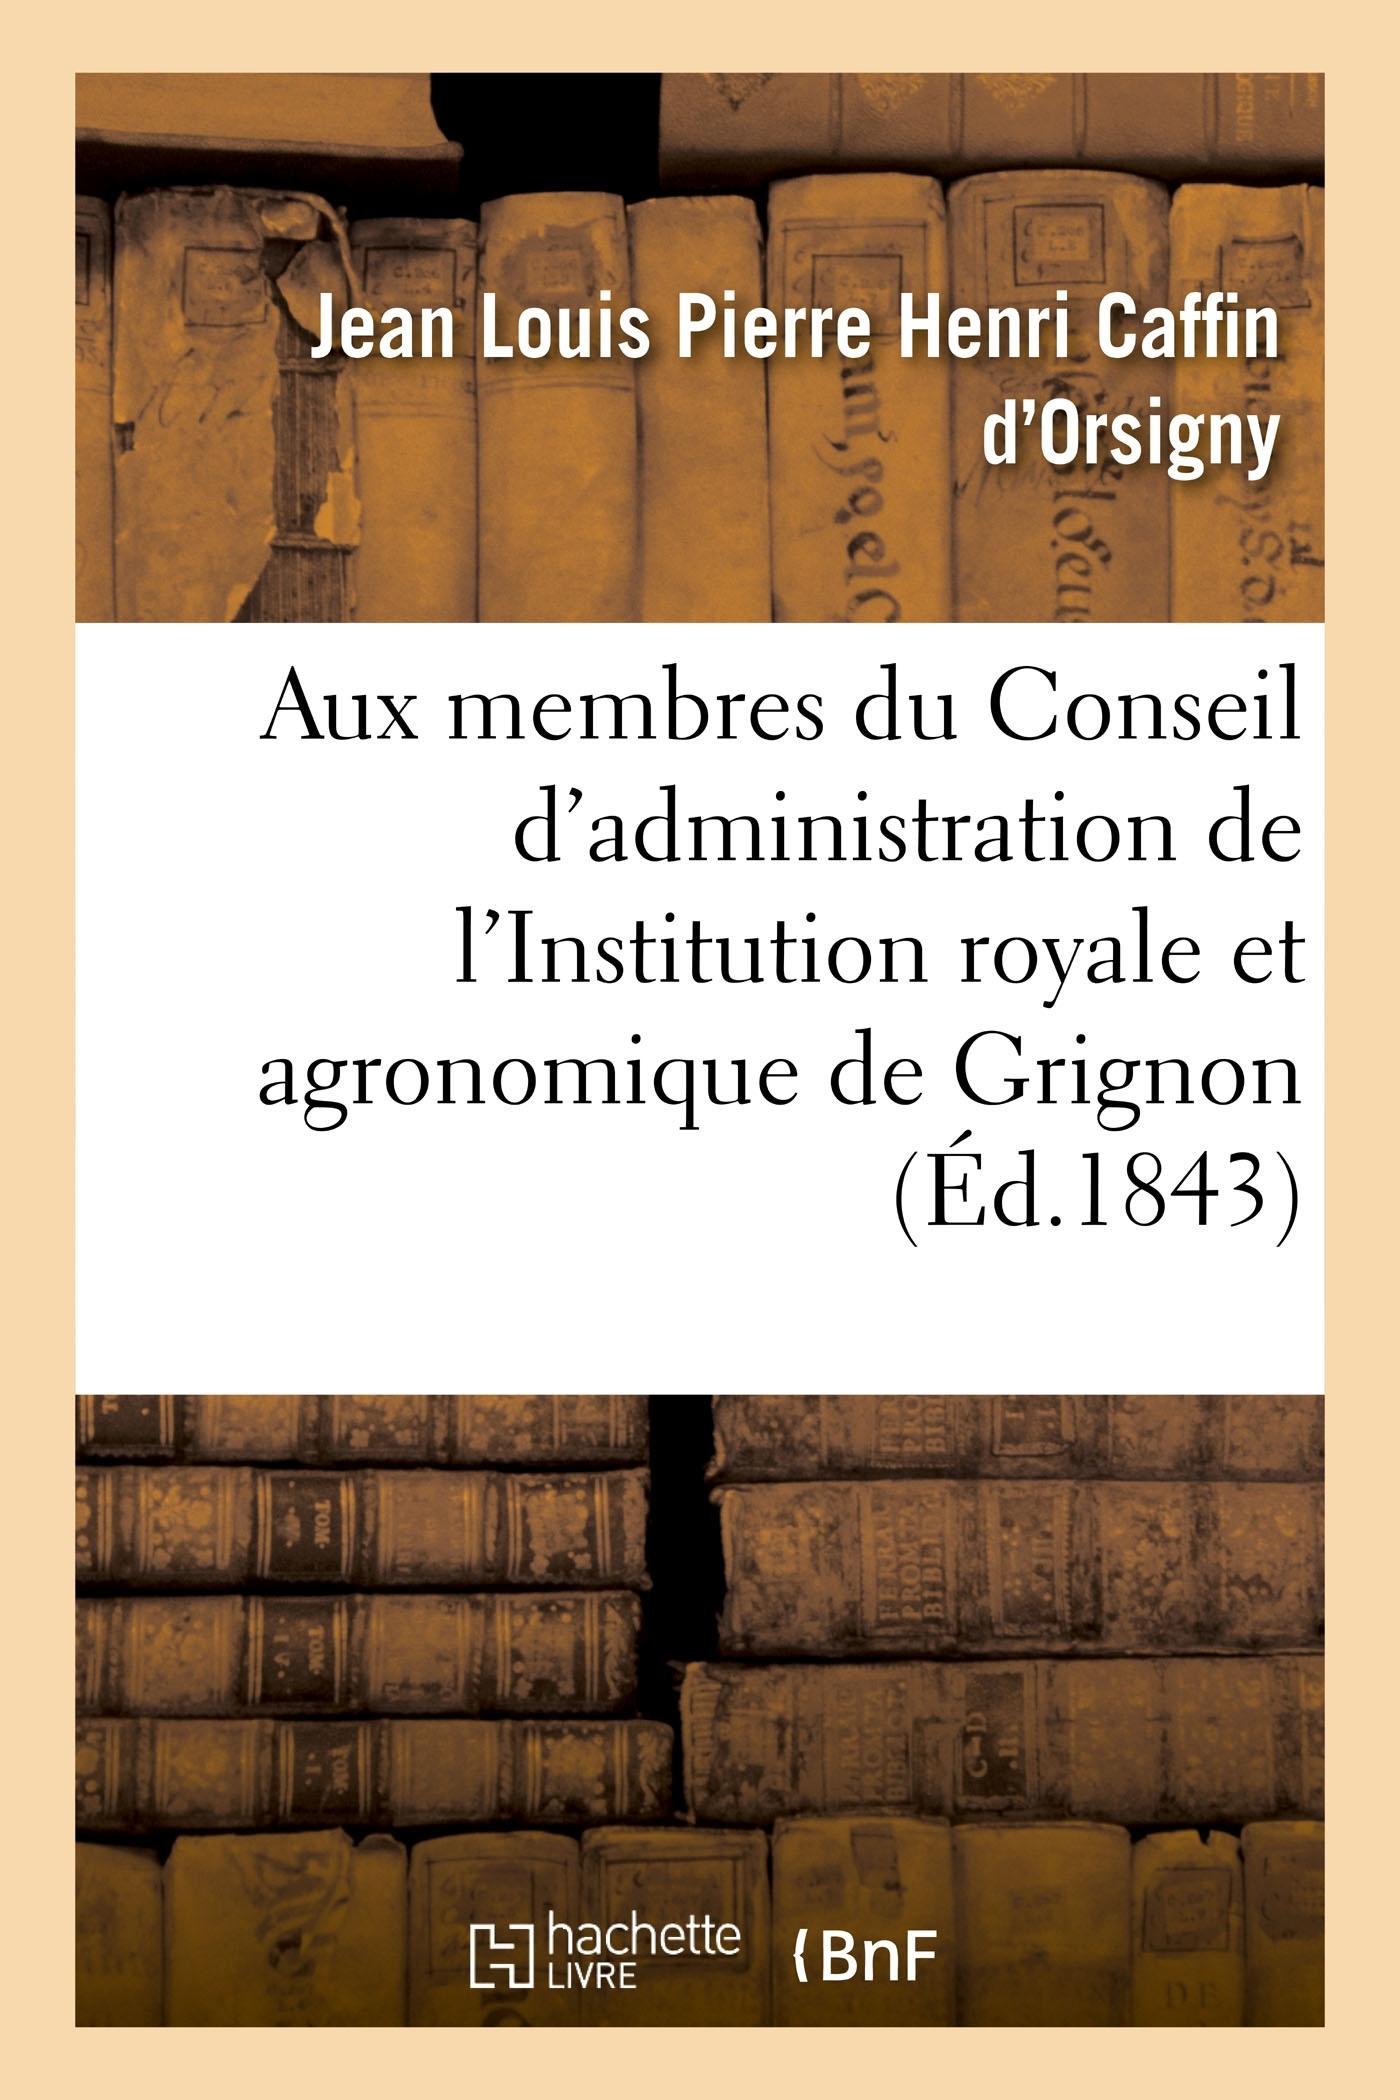 A MESSIEURS LES MEMBRES DU CONSEIL D'ADMINISTRATION DE L'INSTITUTION ROYALE - ET AGRONOMIQUE DE GRIG